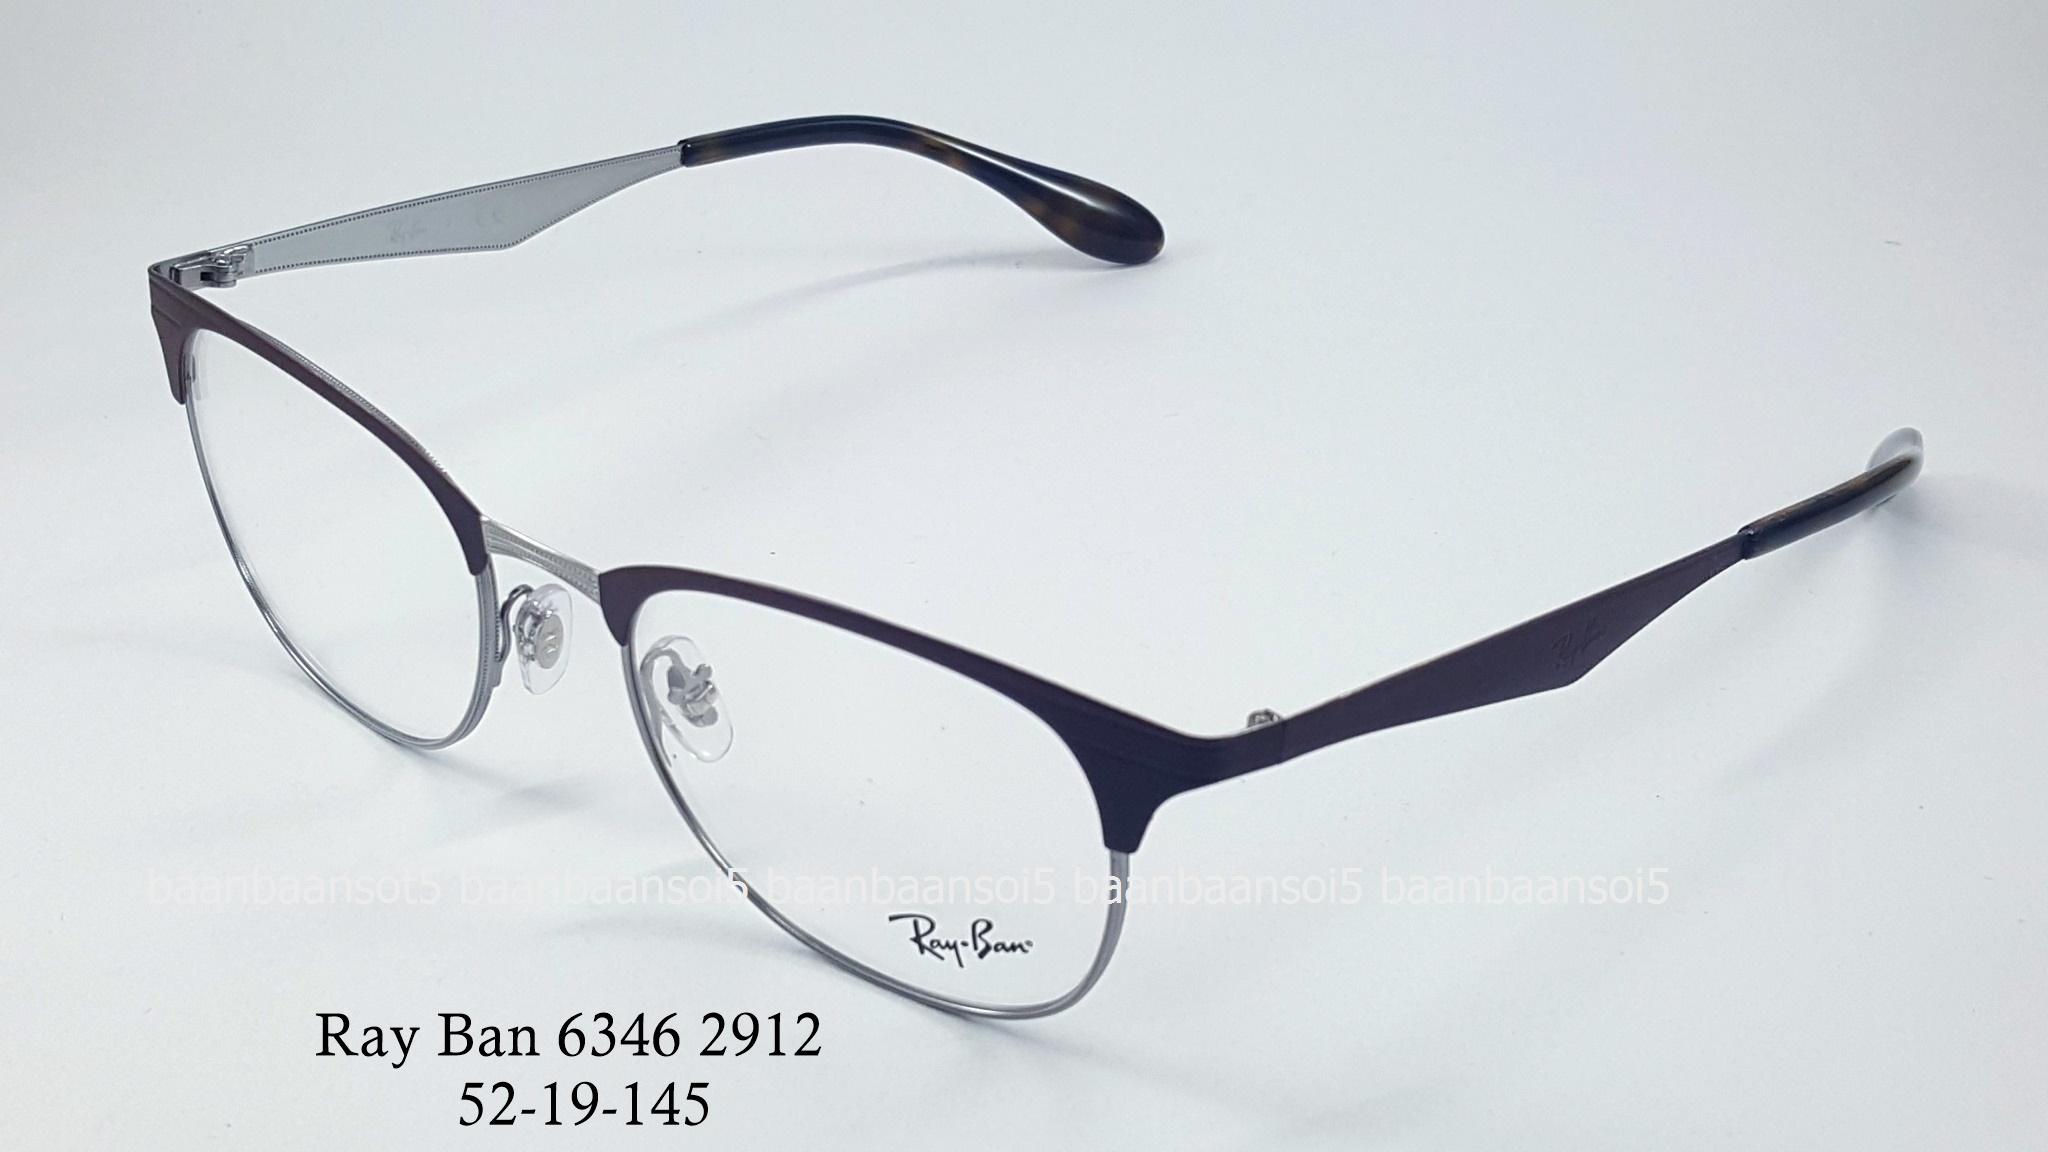 Rayban RX 6346 2912 โปรโมชั่น กรอบแว่นตาพร้อมเลนส์ HOYA ราคา 4,300 บาท